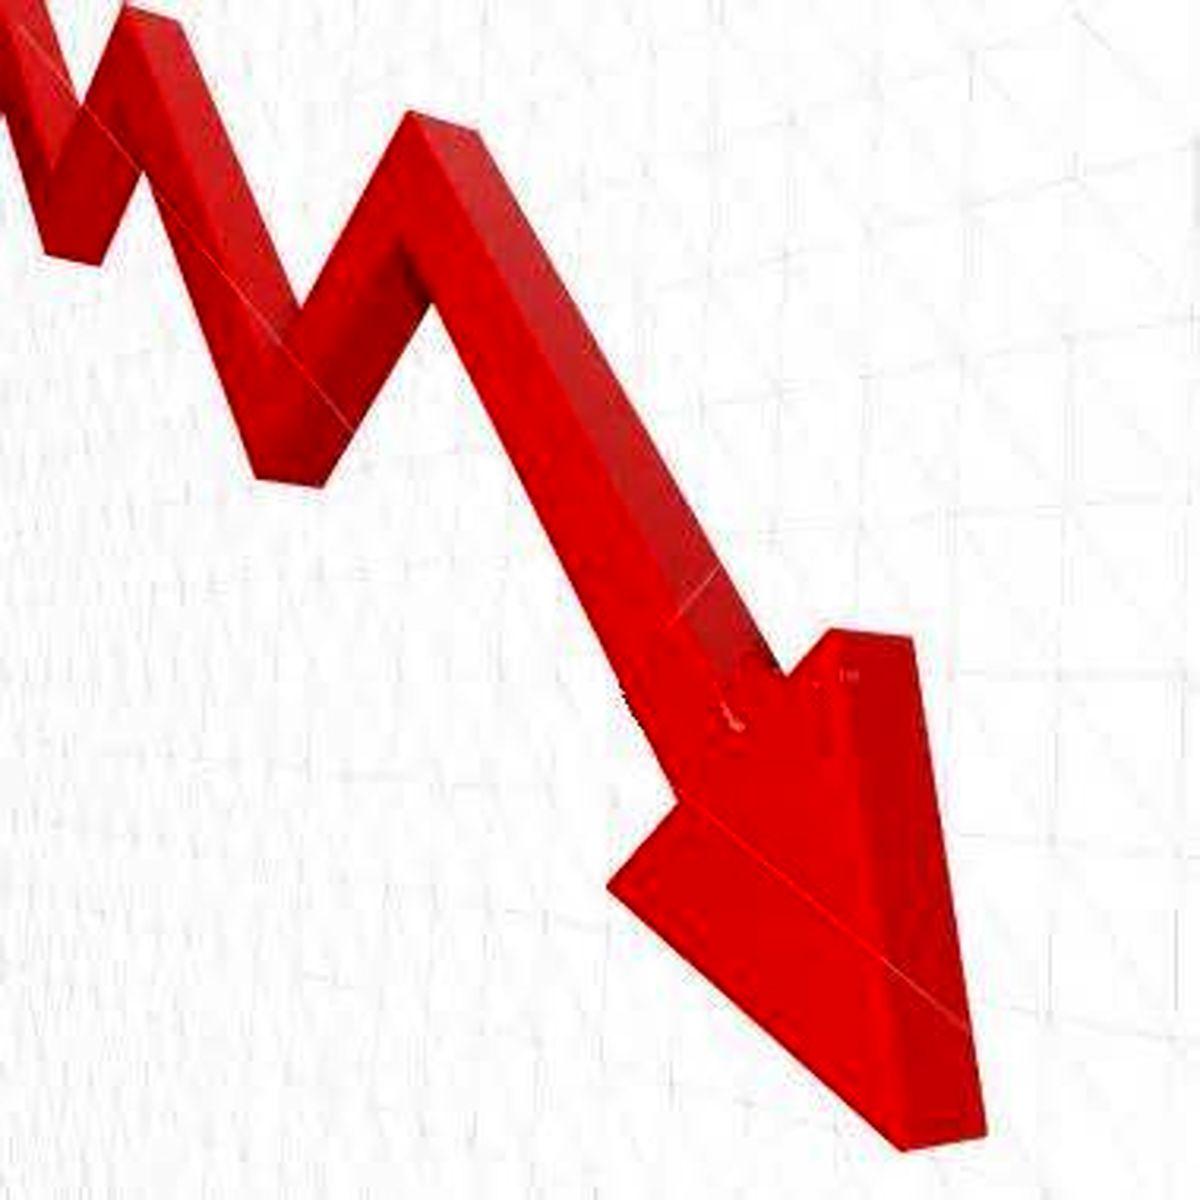 پرداخت تسهیلات خریدمسکن ۹۱ درصدافزایش یافت